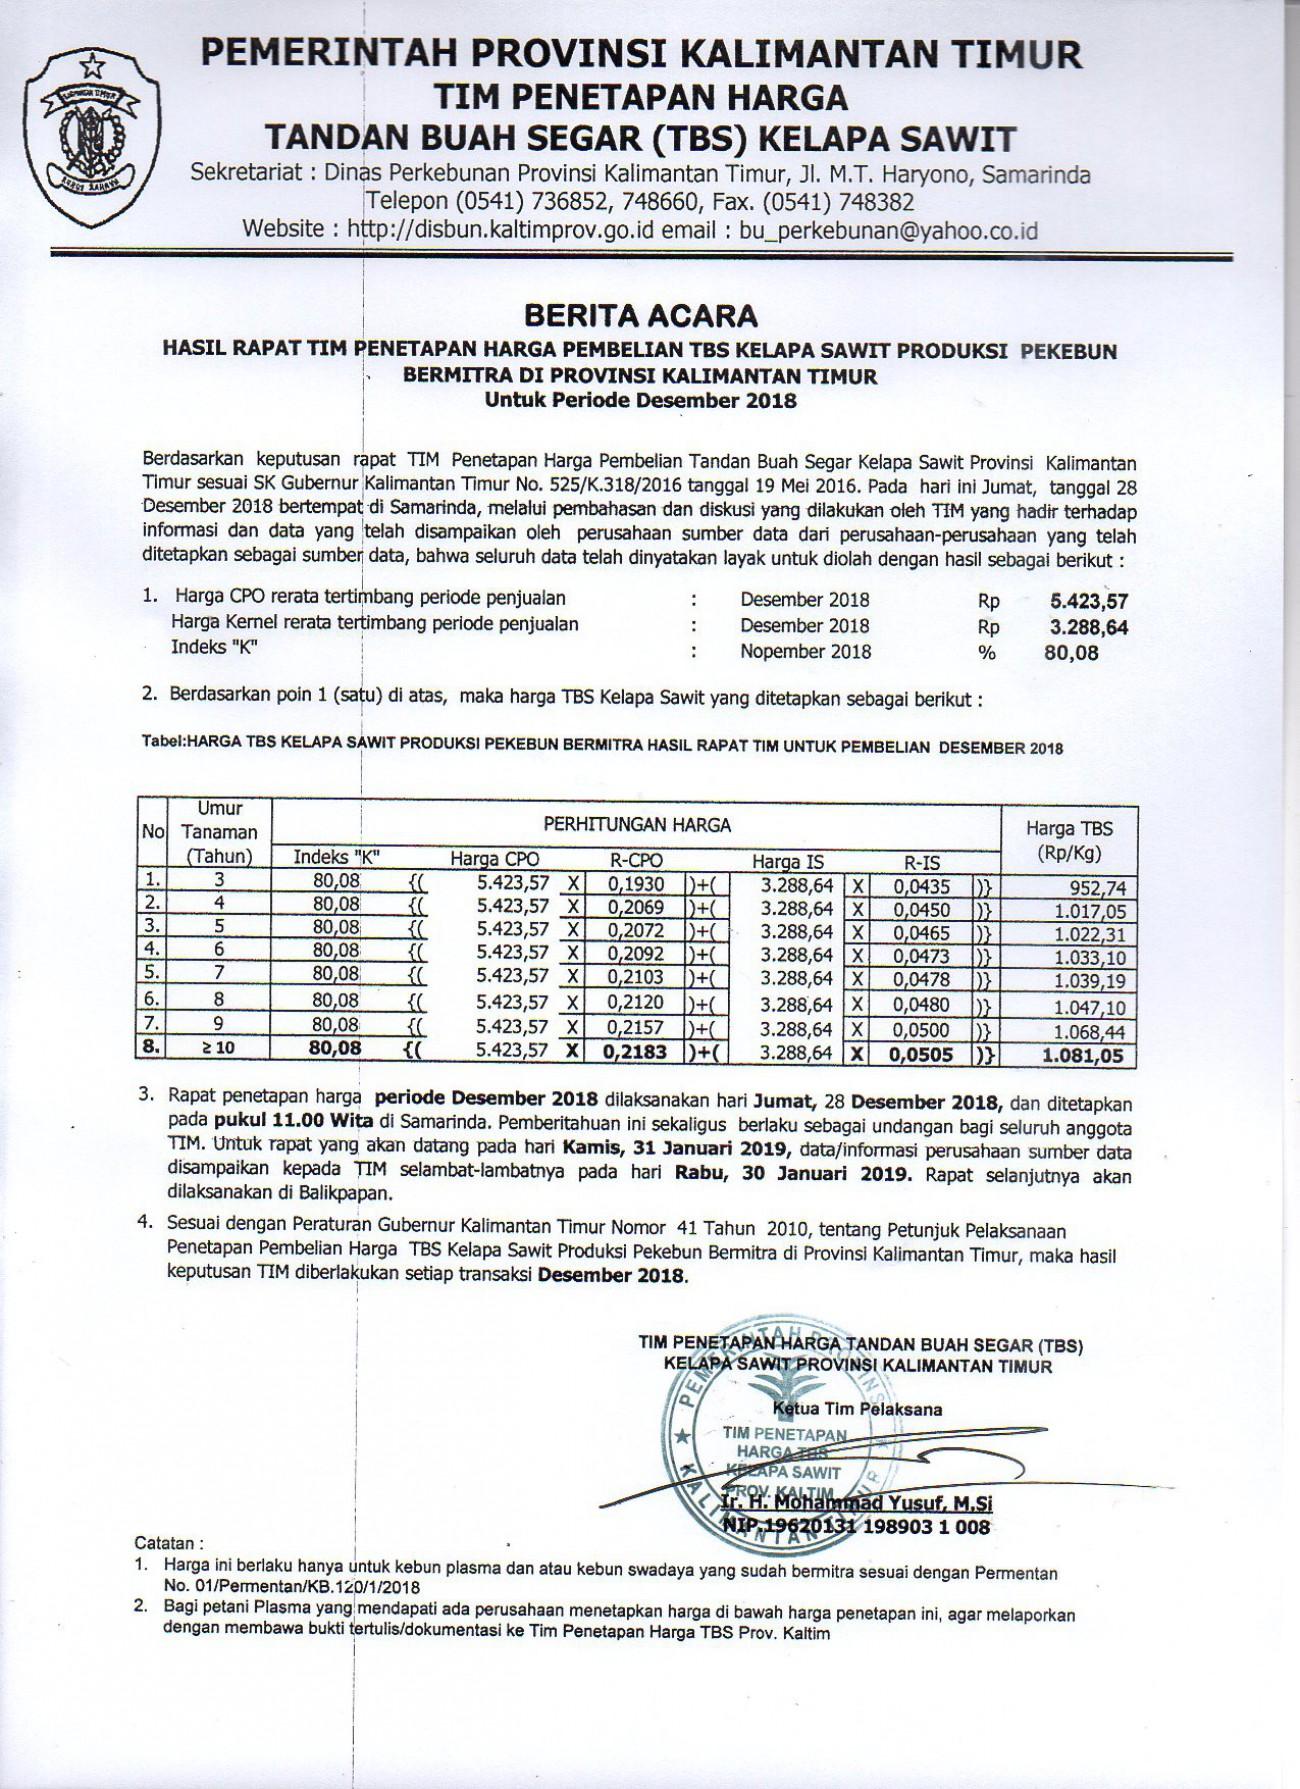 Informasi Harga TBS Kelapa Sawit Bagi Pekebun Bermitra Bulan Desember 2018